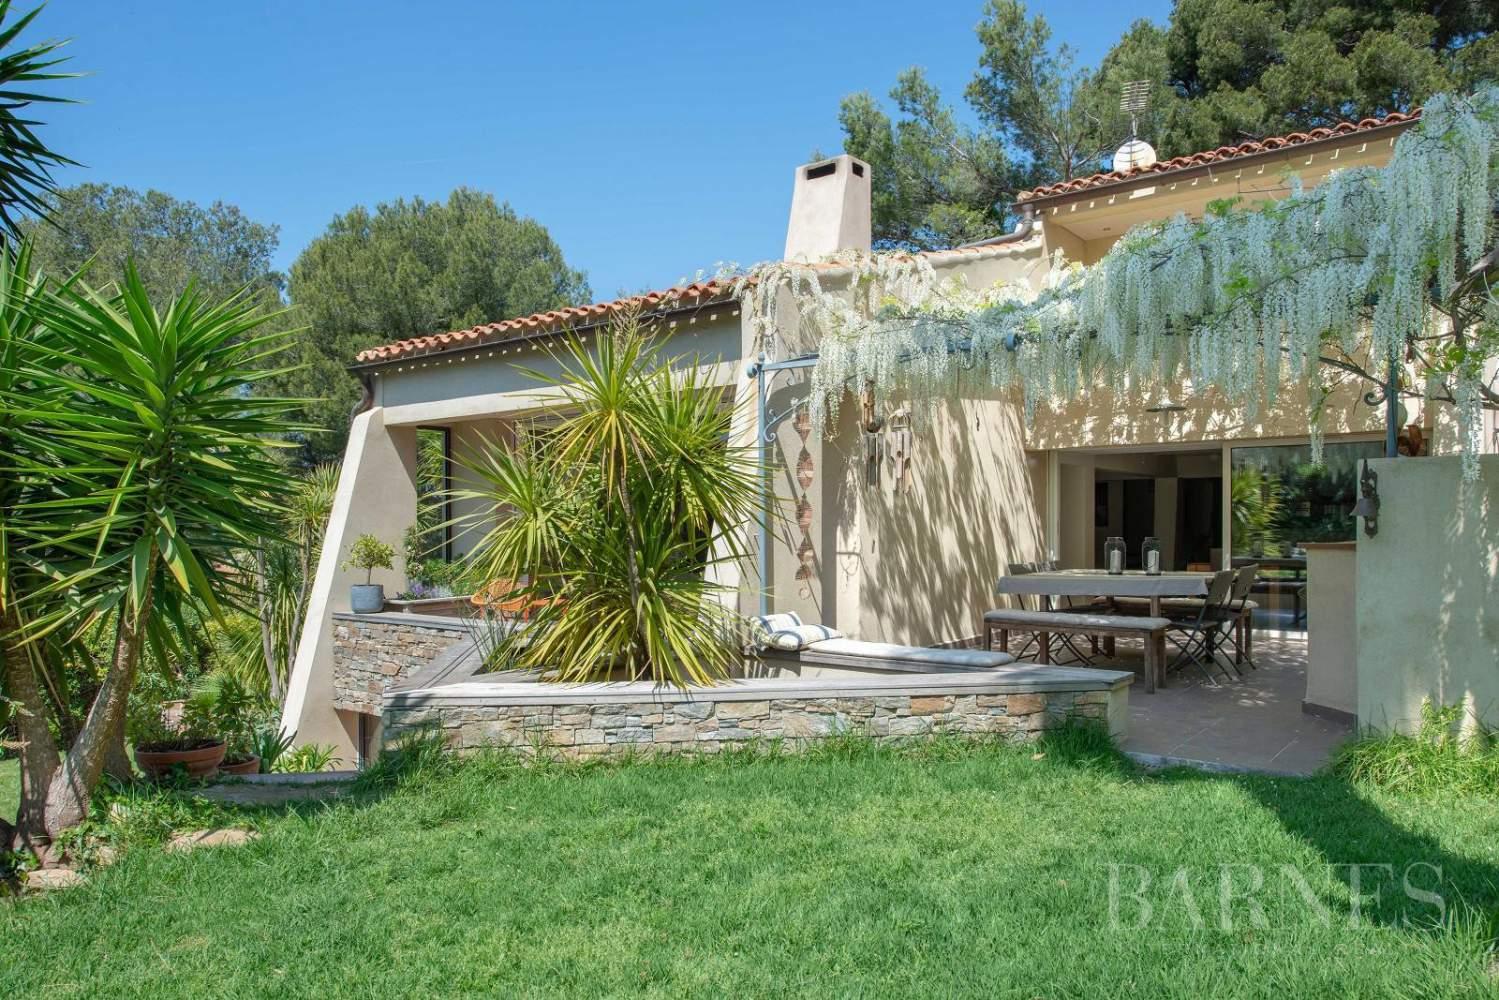 Vente - Sanary - La Cride - Villa d'architecte - Piscine - Proche plage et port picture 8